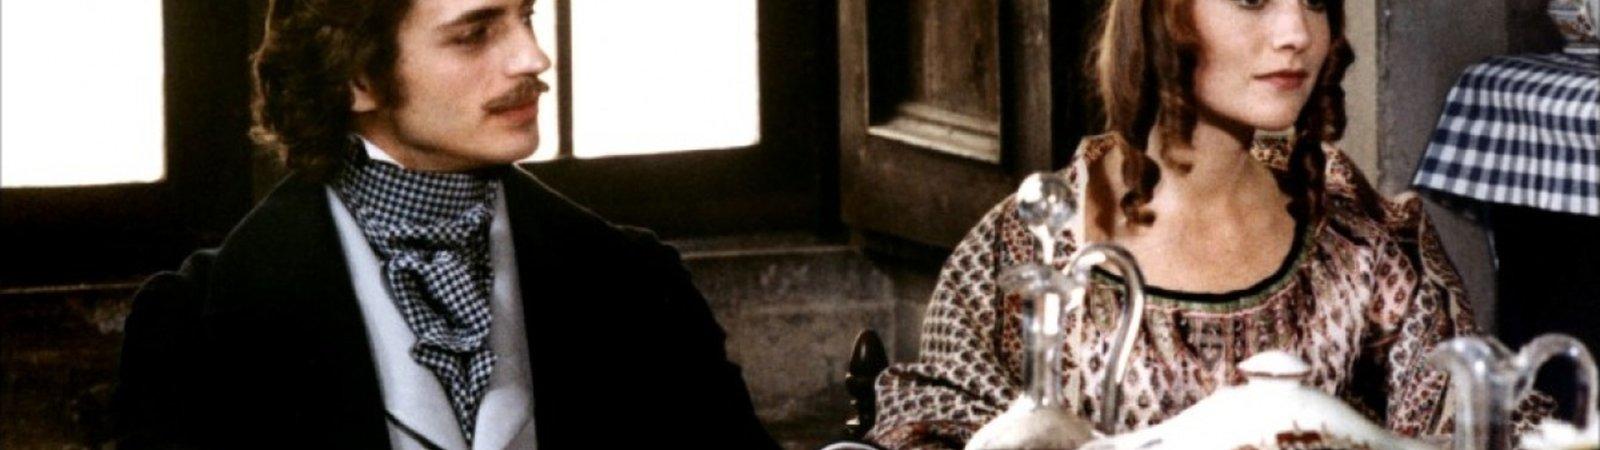 Photo du film : La dame aux camelias